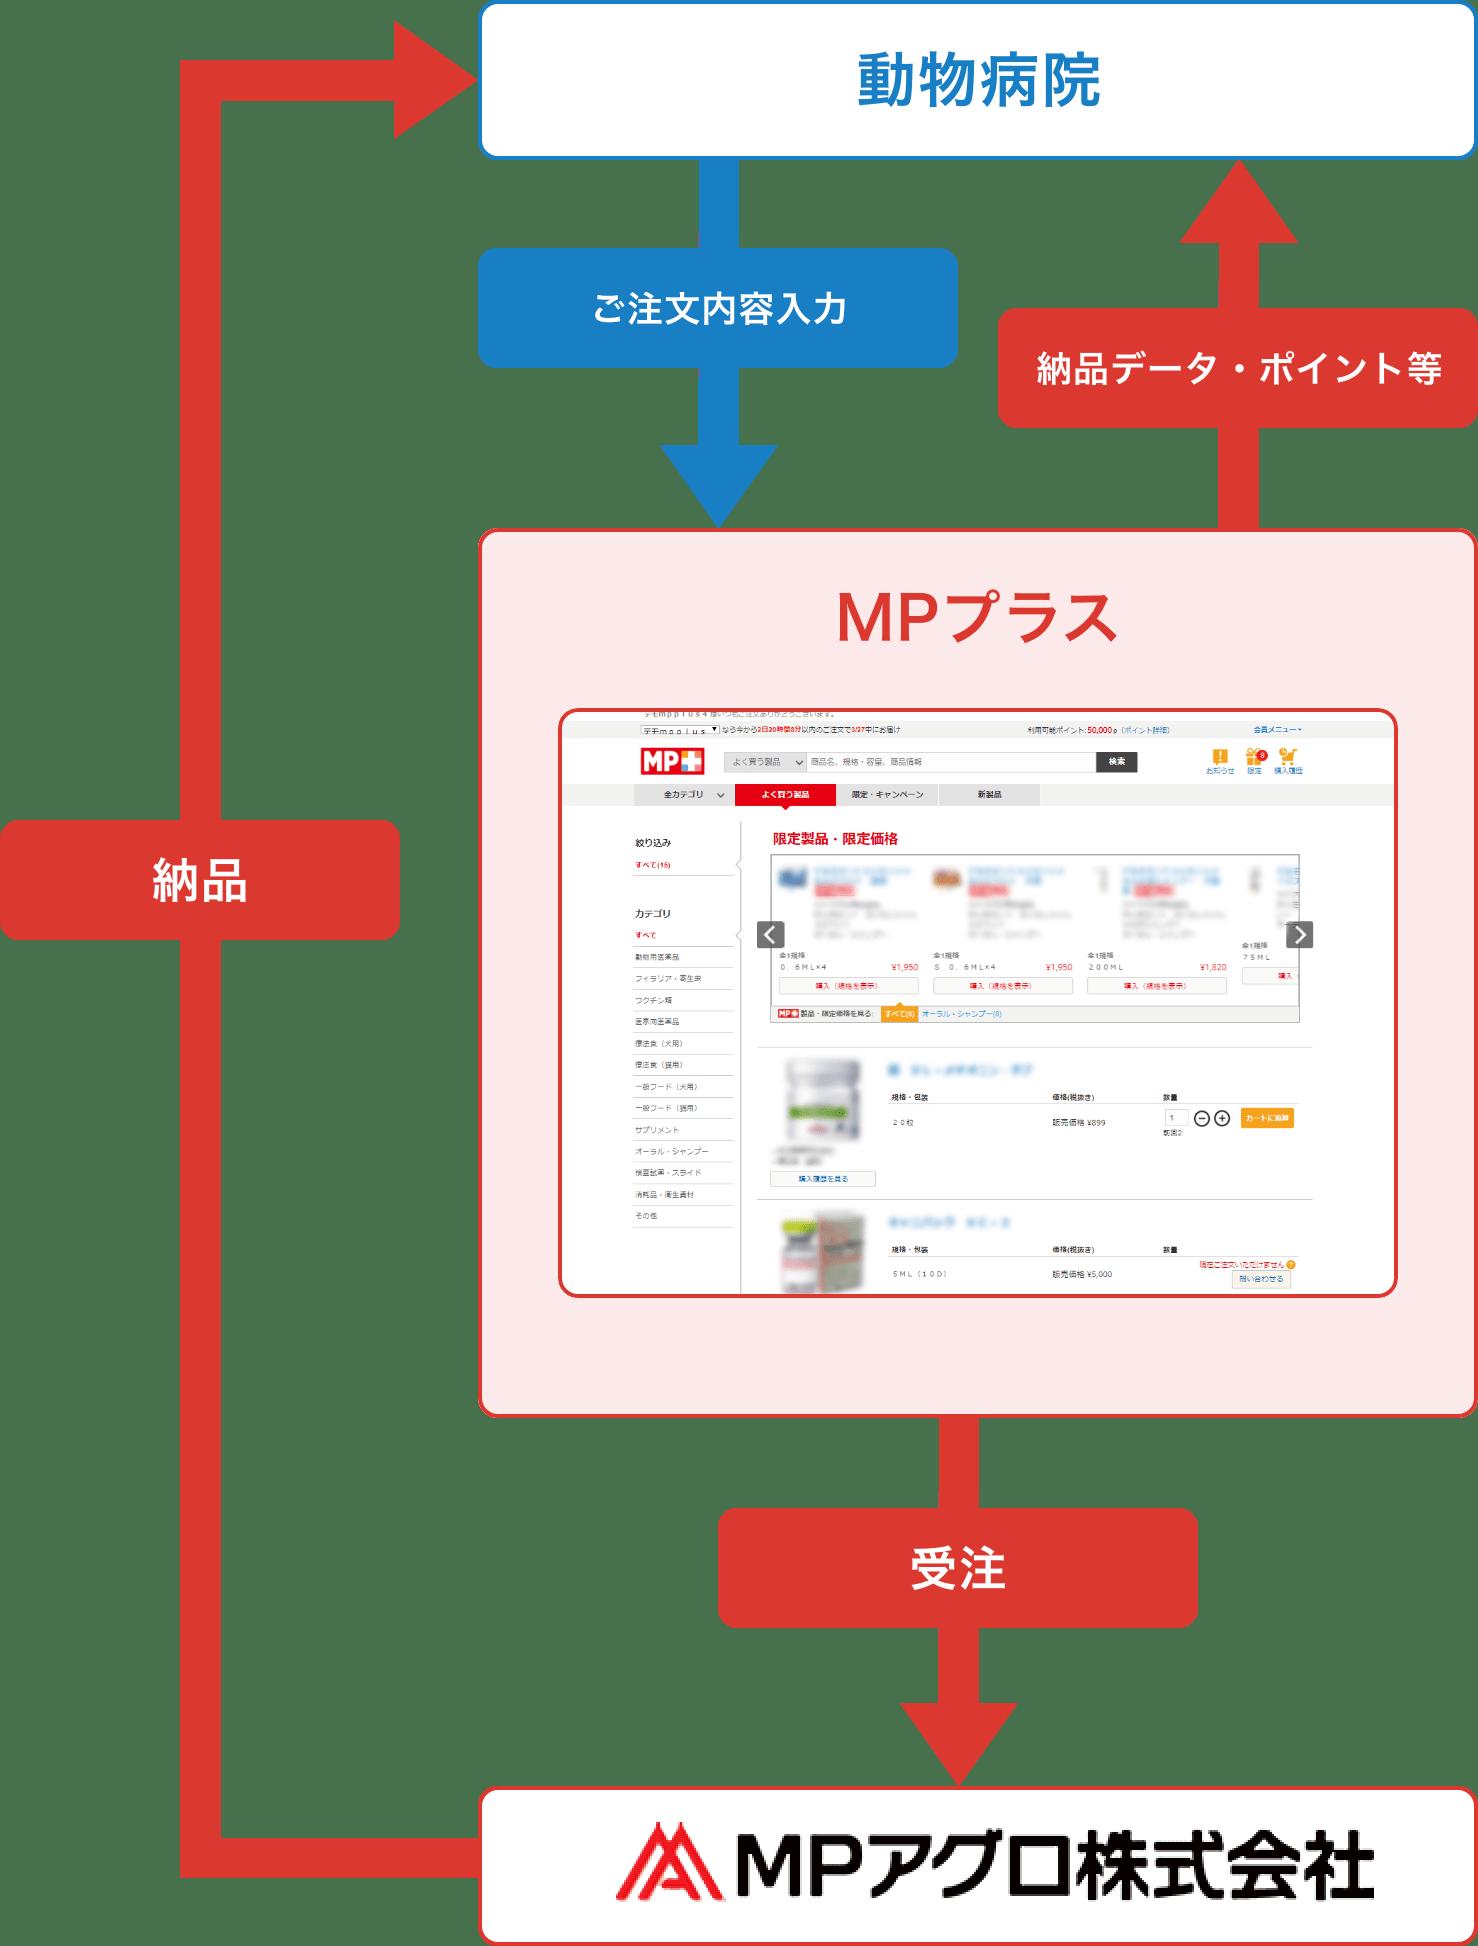 MPプラスの注文から納品までのイメージ図